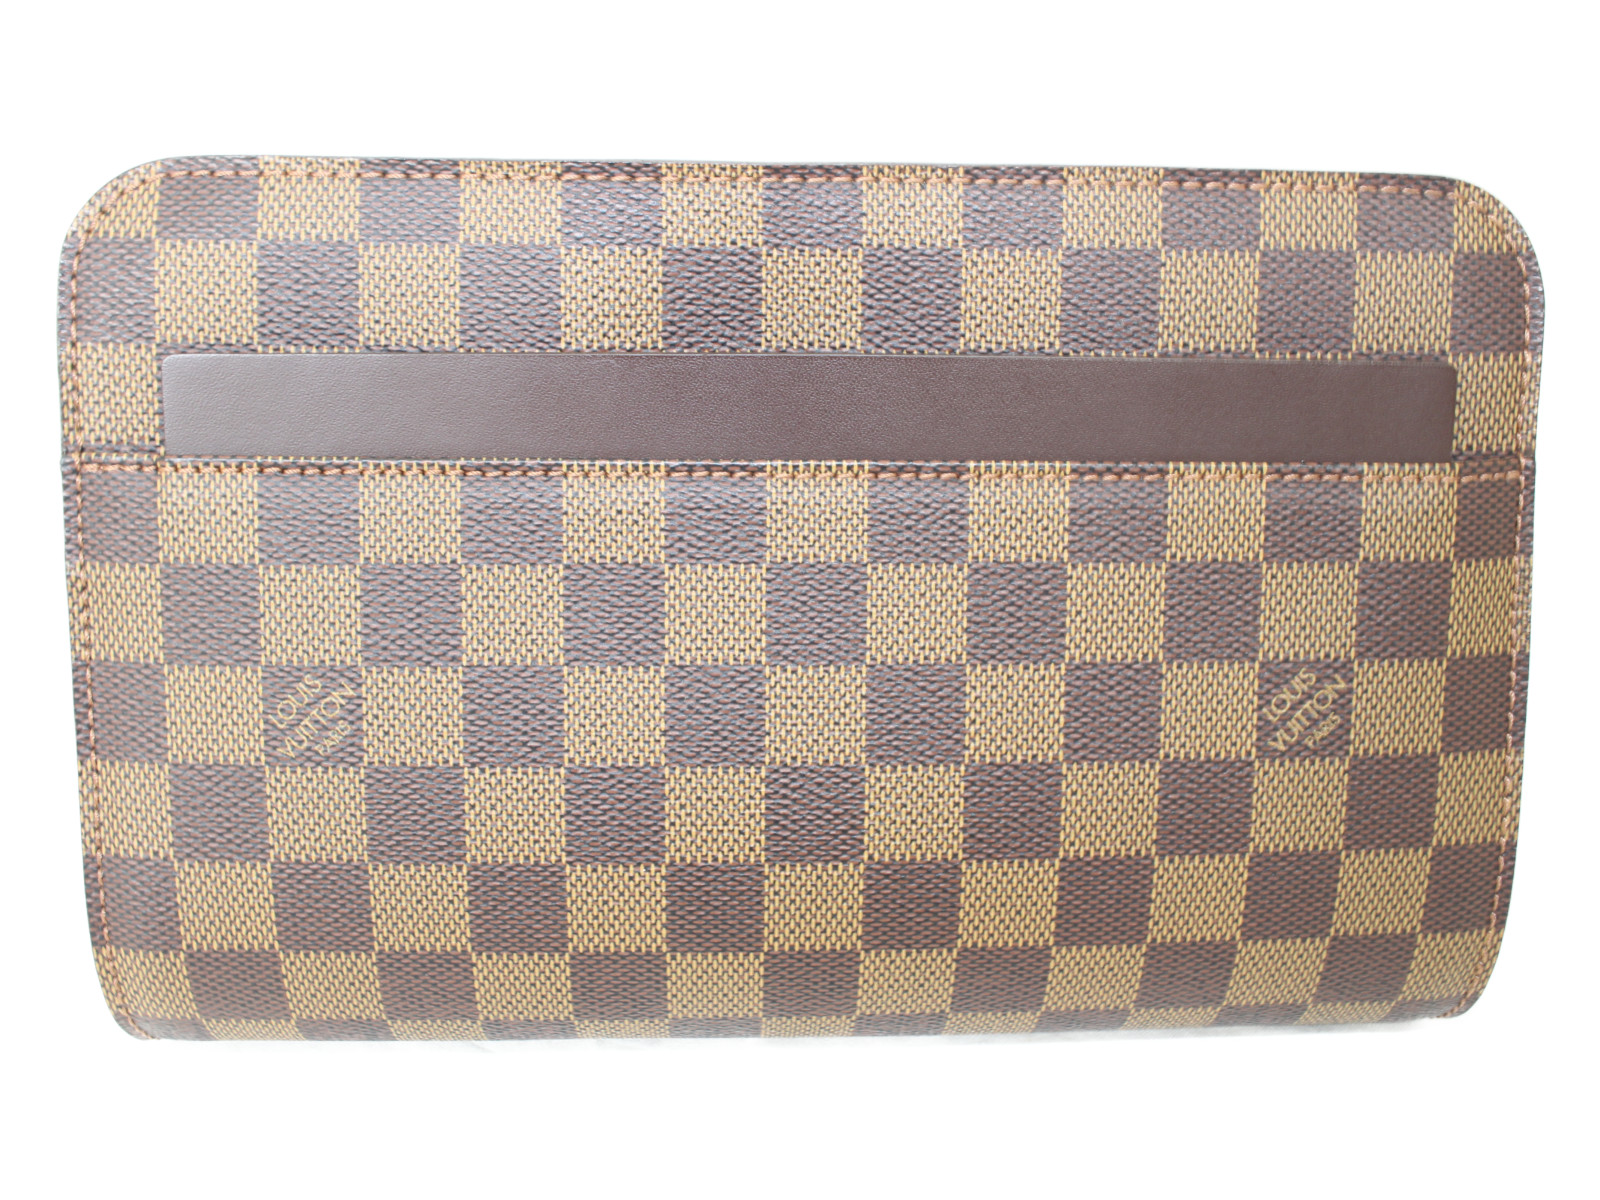 【布袋有り】 LV サンルイ N51993 ダミエ/ブラウン×ベージュ キャンバス レディース メンズ ユニセックス クラッチ プレゼント包装可